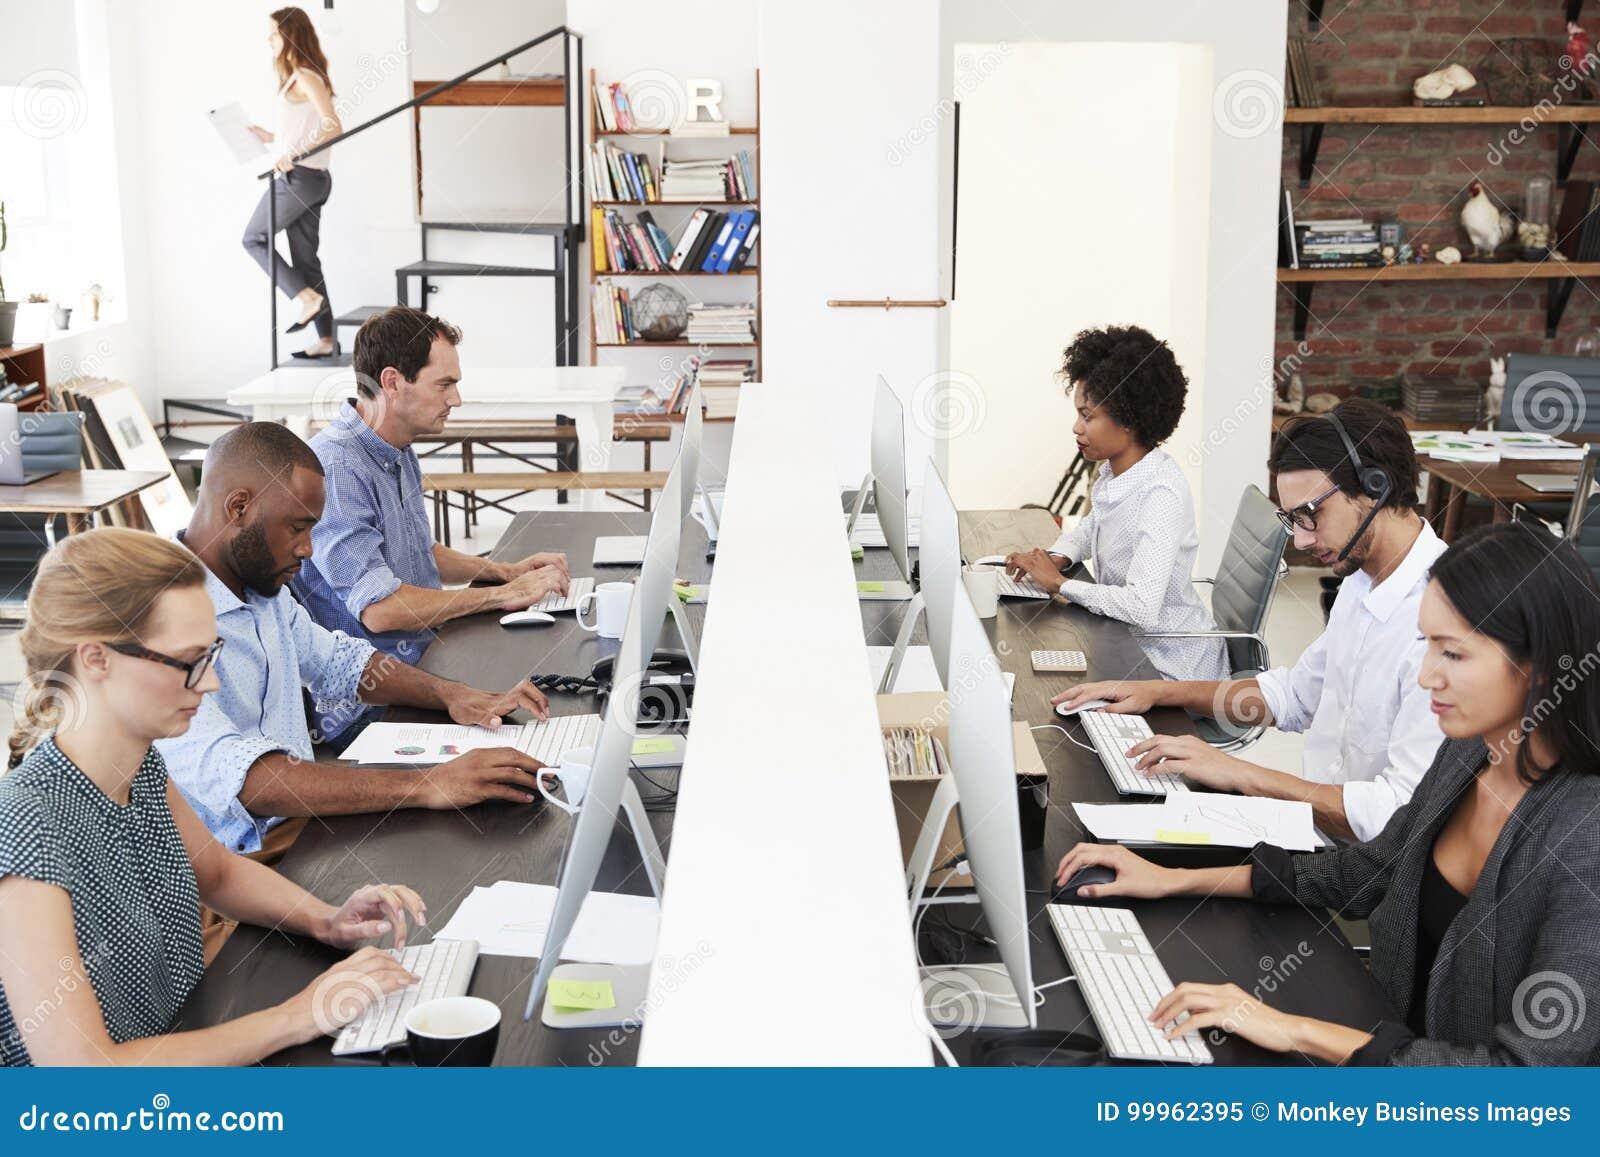 Οι συνάδελφοι κάθονται χρησιμοποιώντας τους υπολογιστές σε ένα πολυάσχολο ανοικτό γραφείο σχεδίων